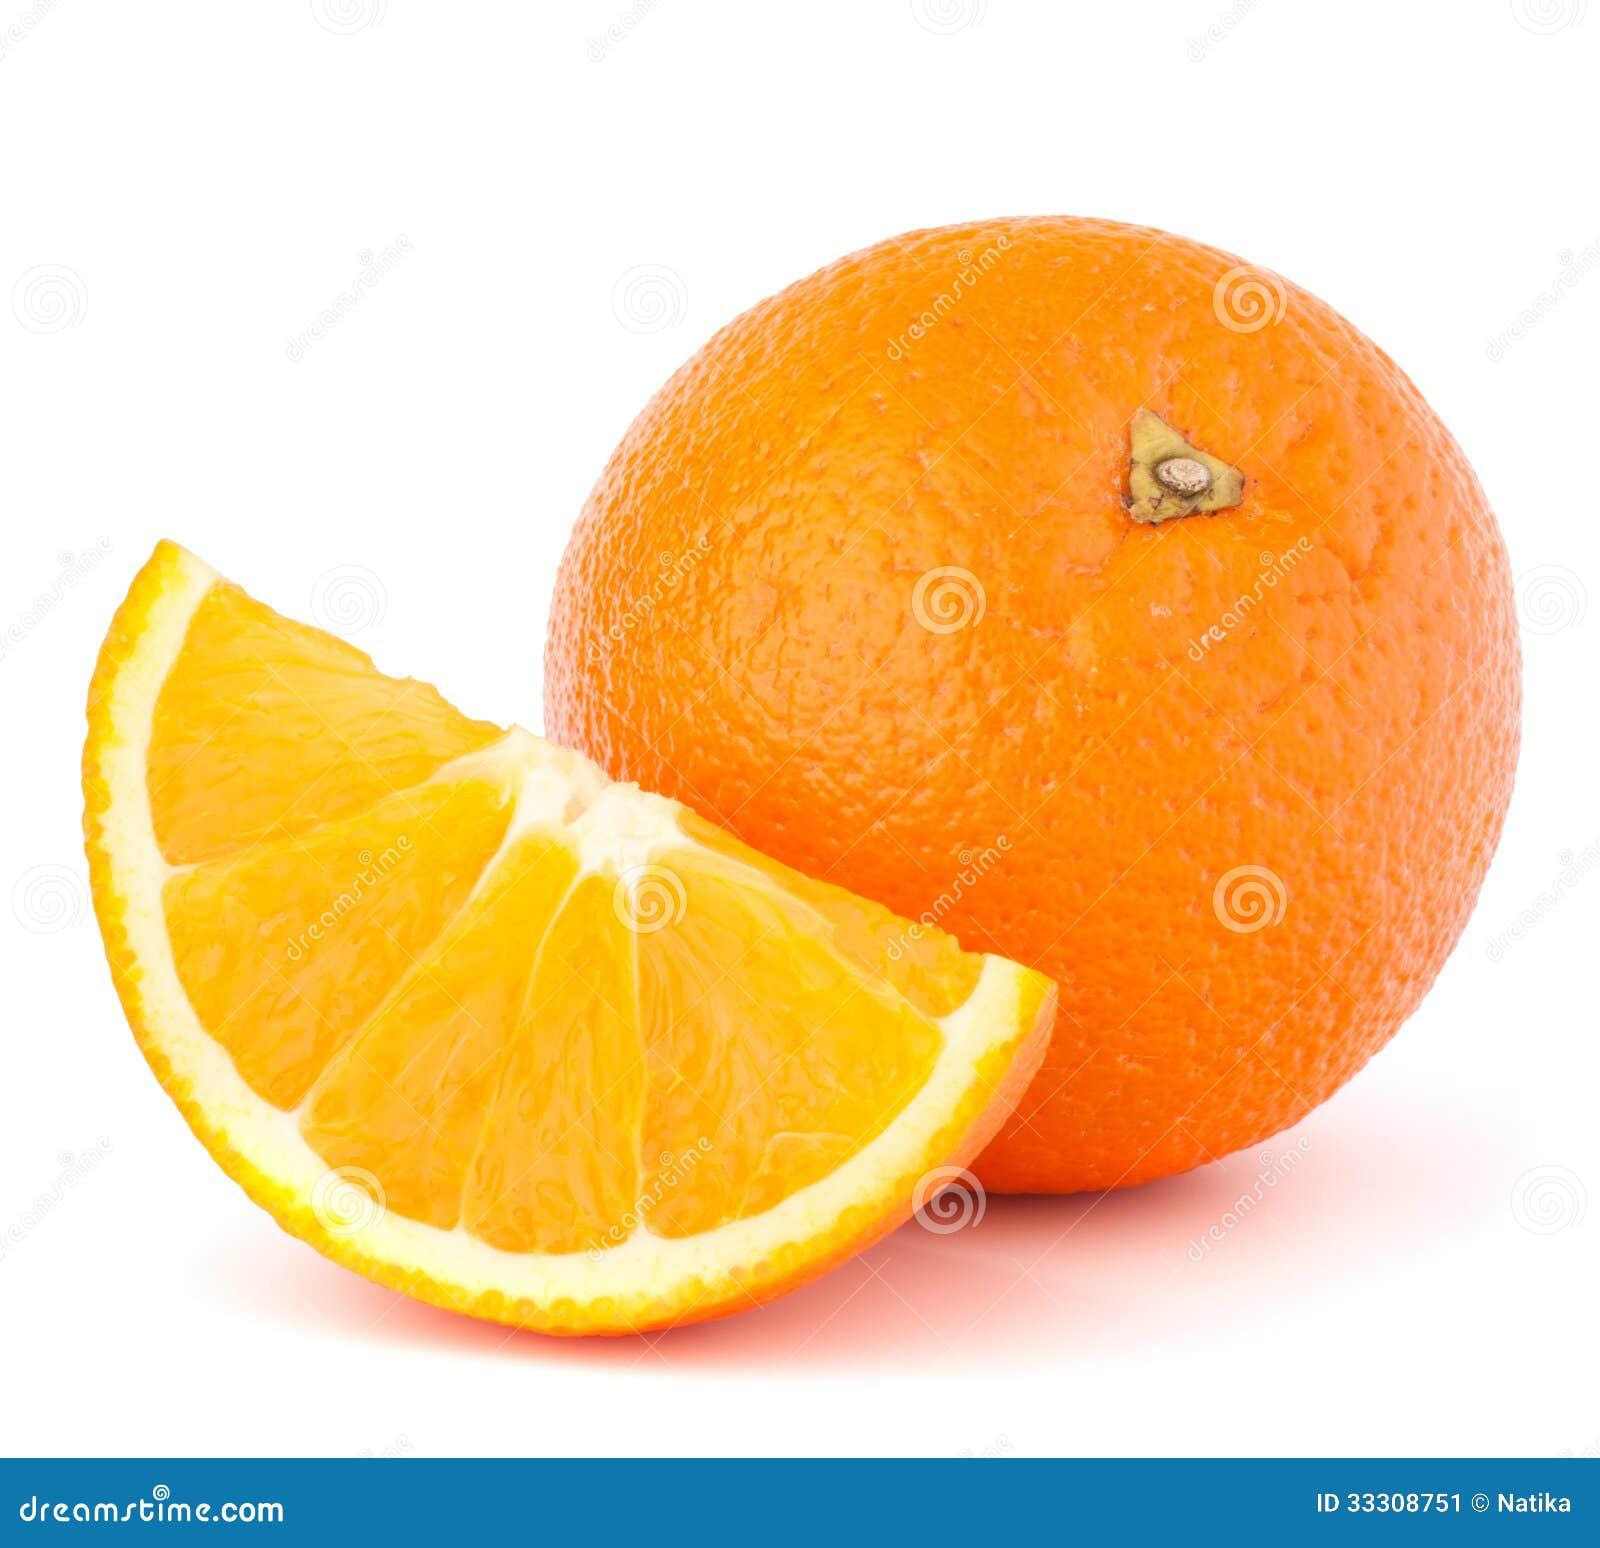 Whole Foods Halo Oranges